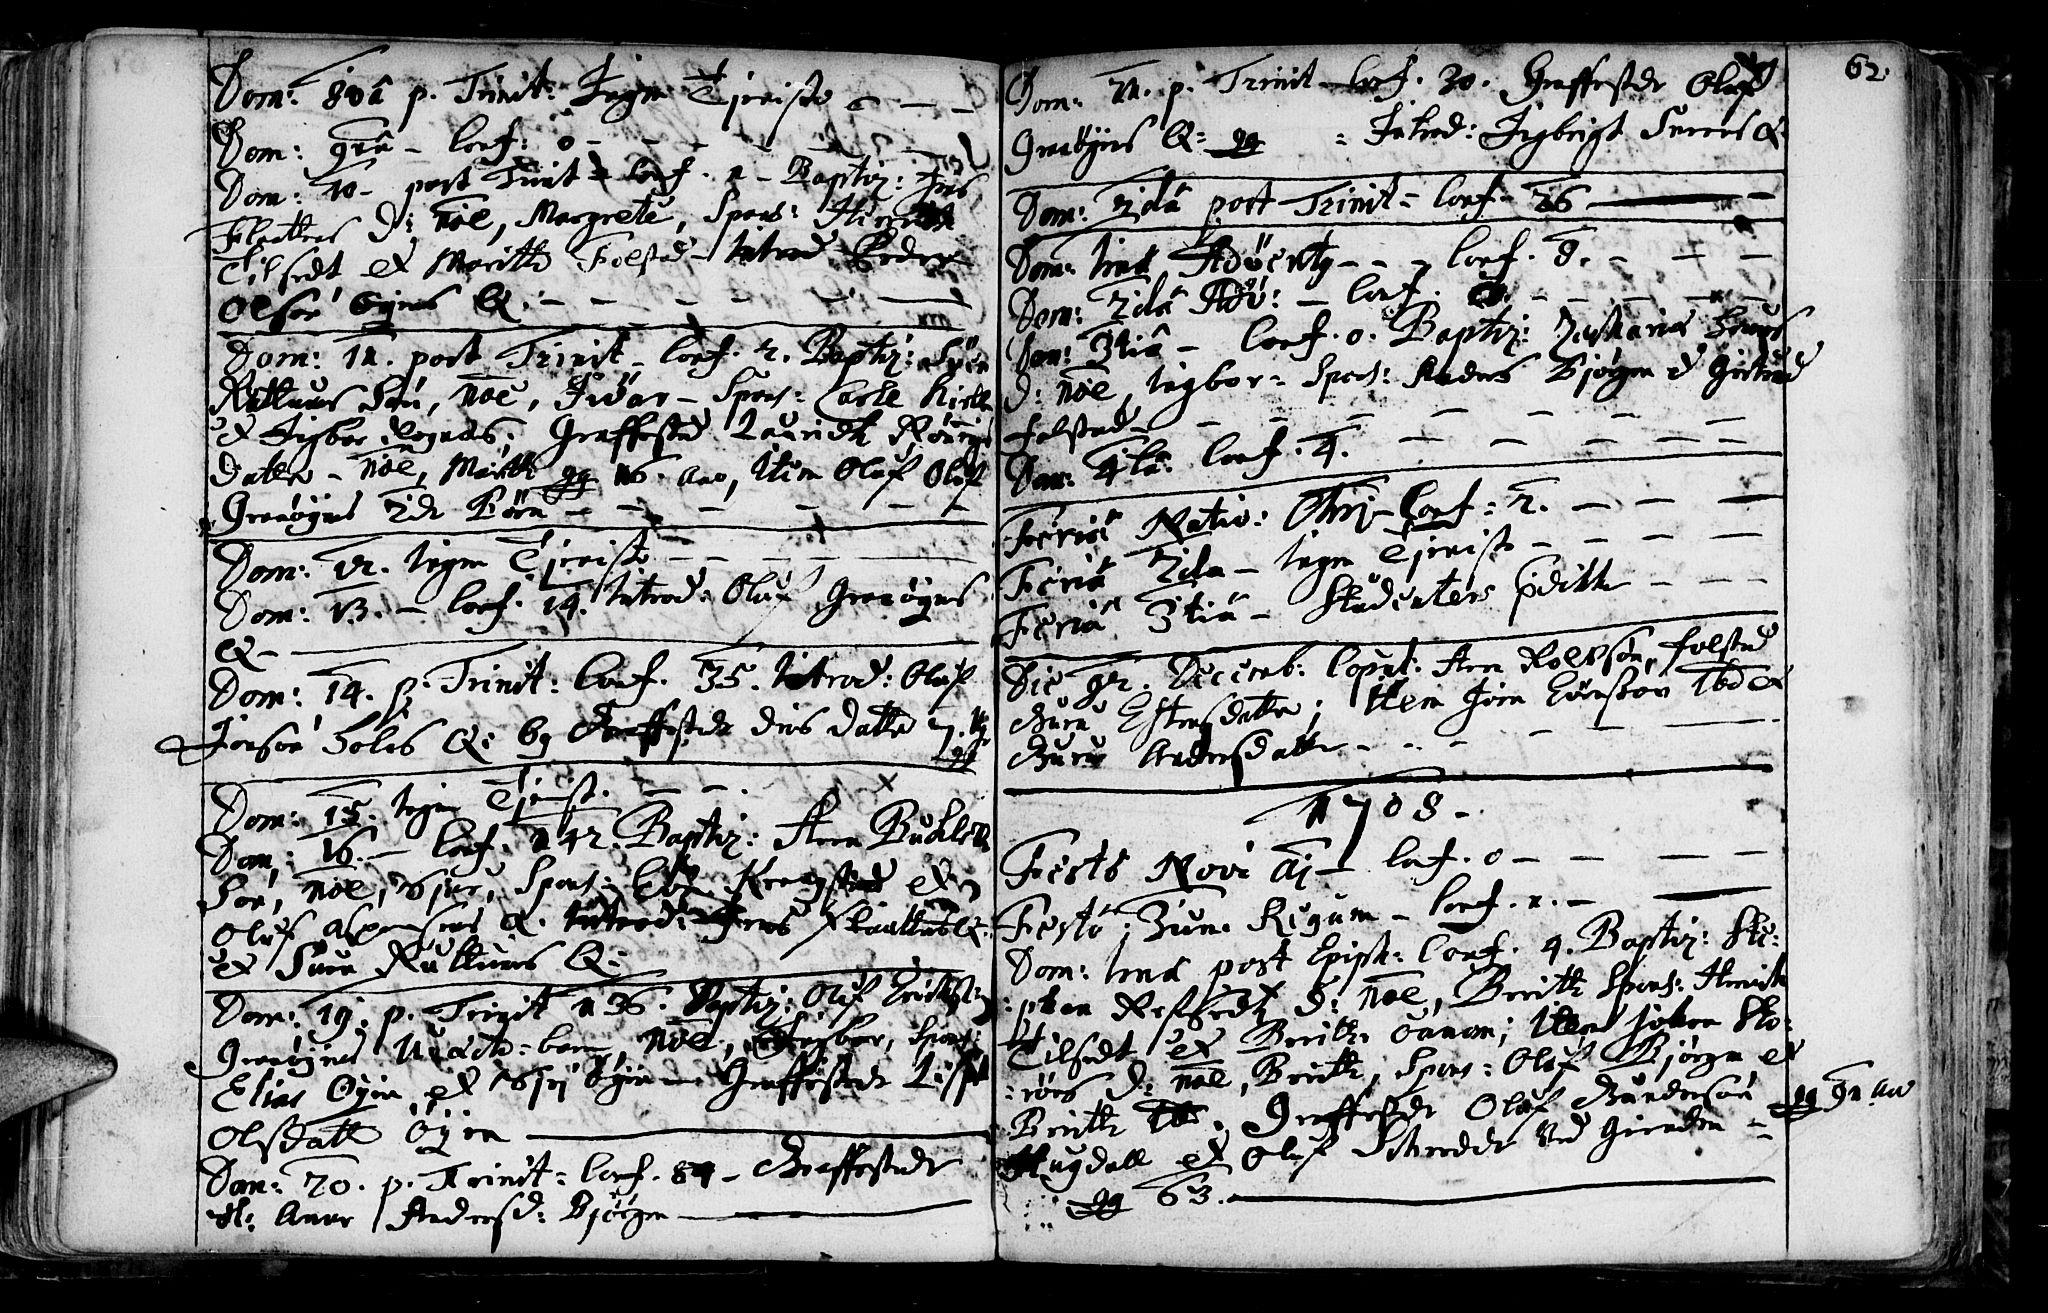 SAT, Ministerialprotokoller, klokkerbøker og fødselsregistre - Sør-Trøndelag, 687/L0990: Ministerialbok nr. 687A01, 1690-1746, s. 62